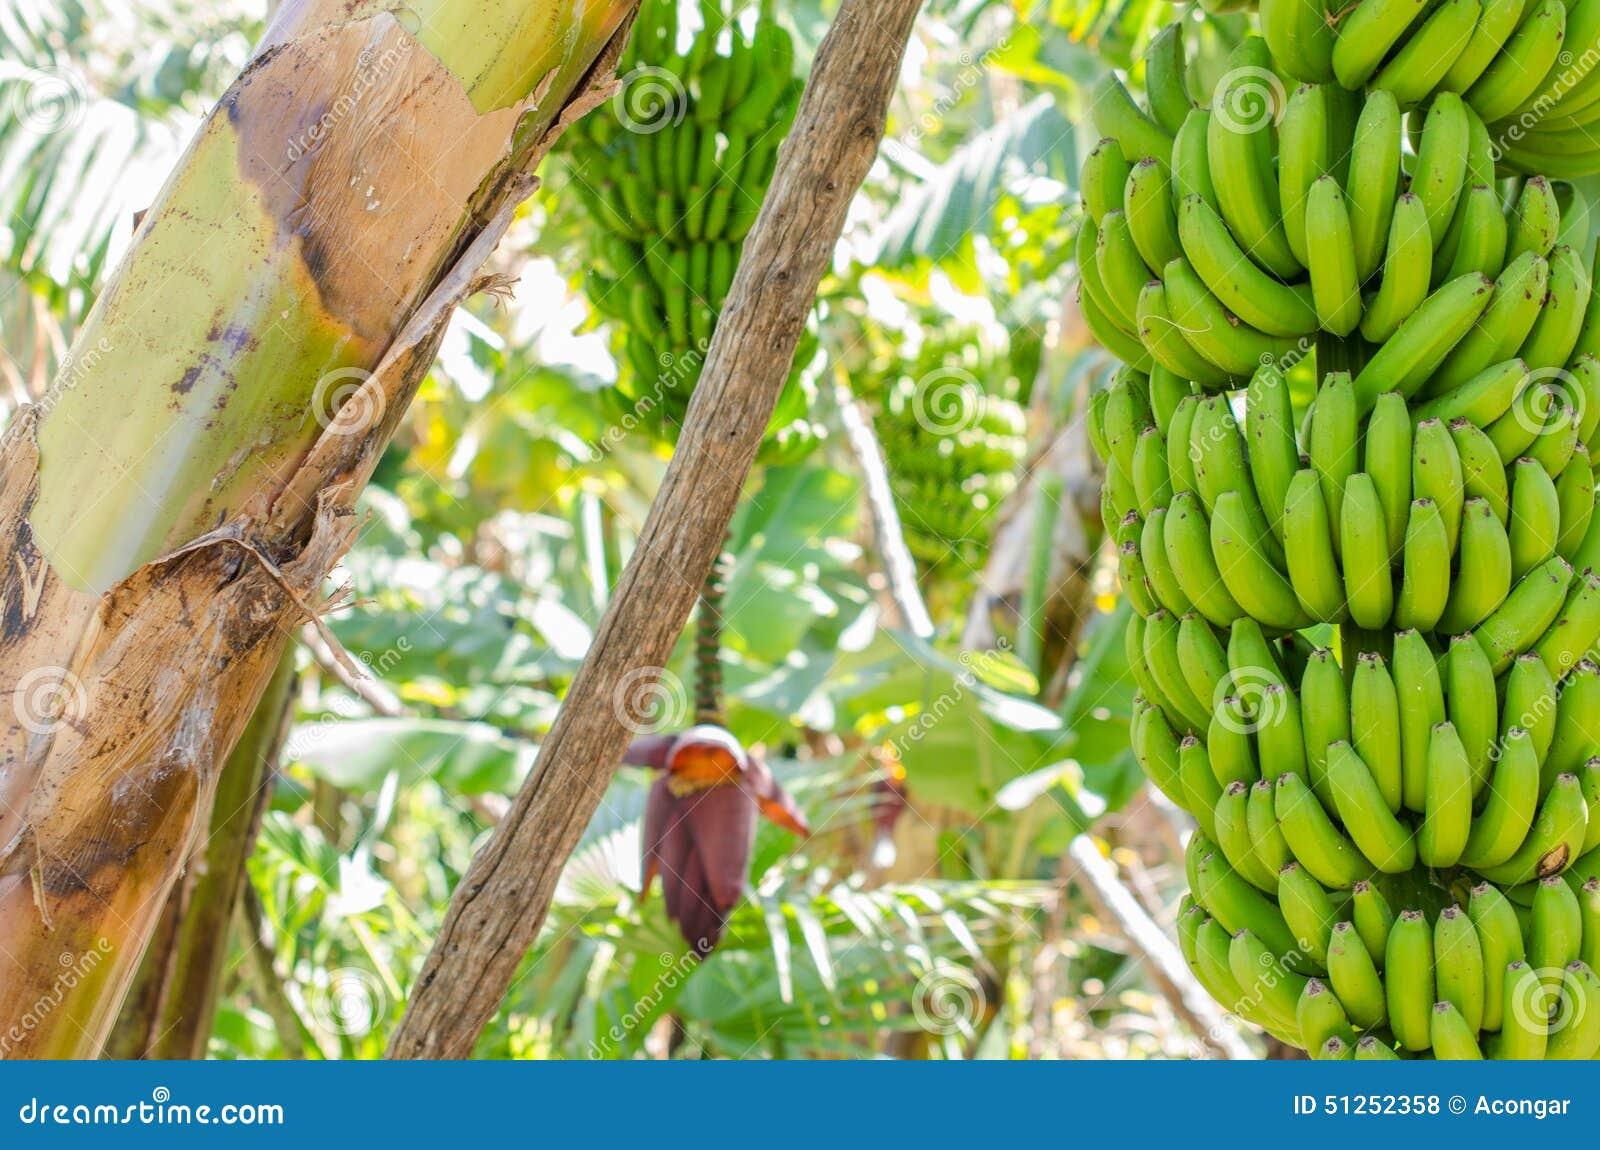 bananenbaum mit einem b ndel bananen stockfoto bild 51252358. Black Bedroom Furniture Sets. Home Design Ideas